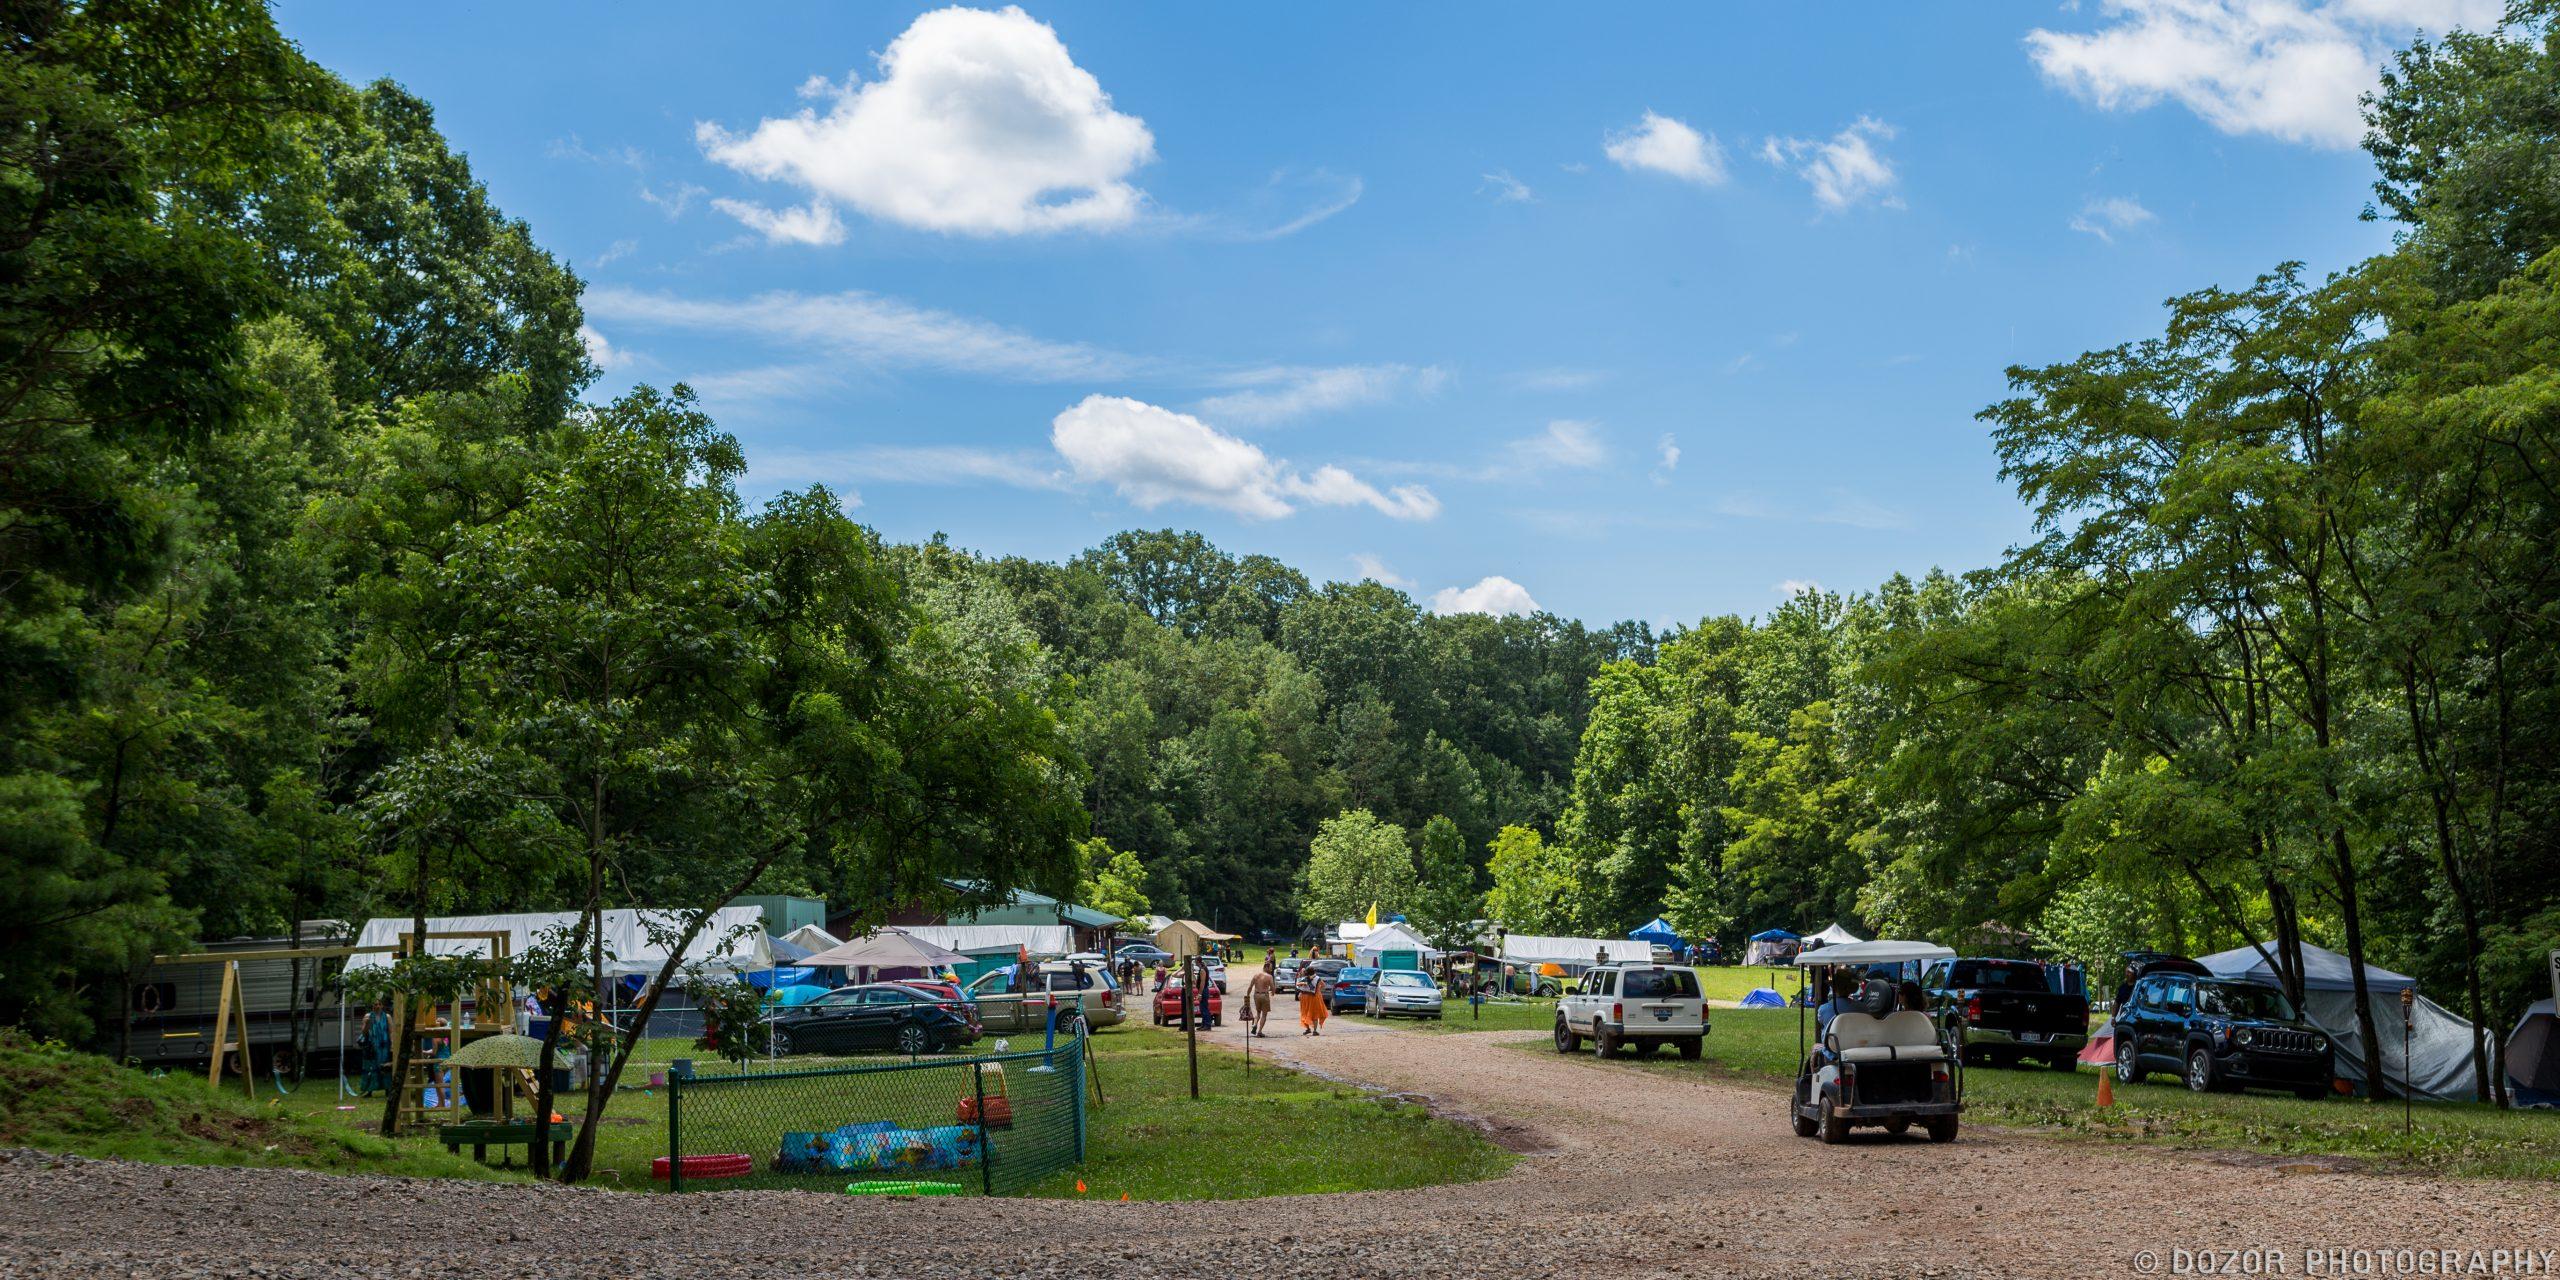 camping - Dozer